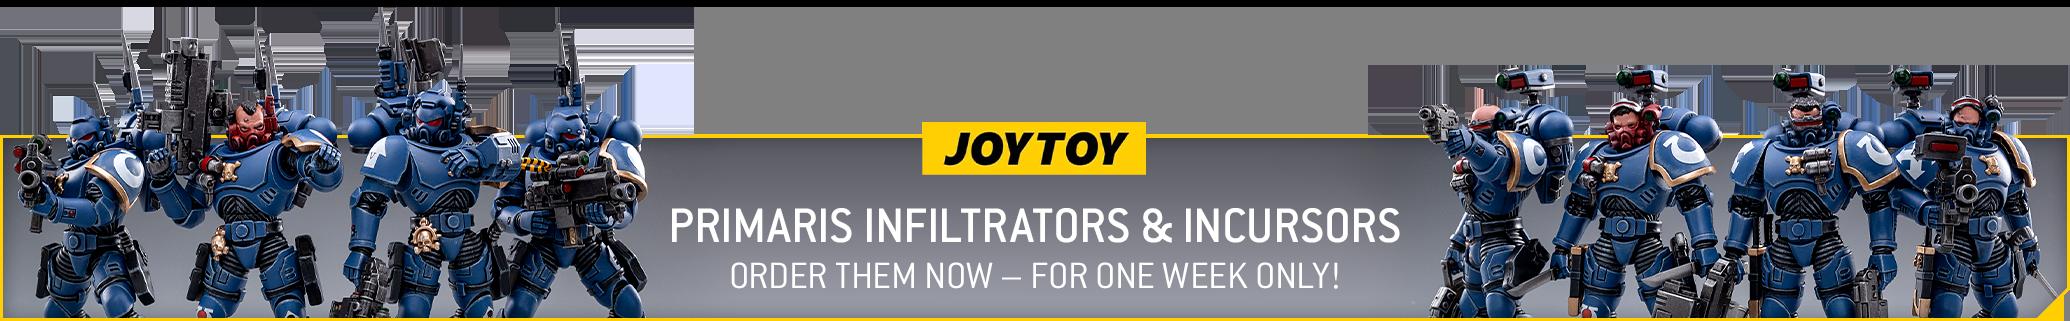 Joytoy Sep25 SlimDesktop